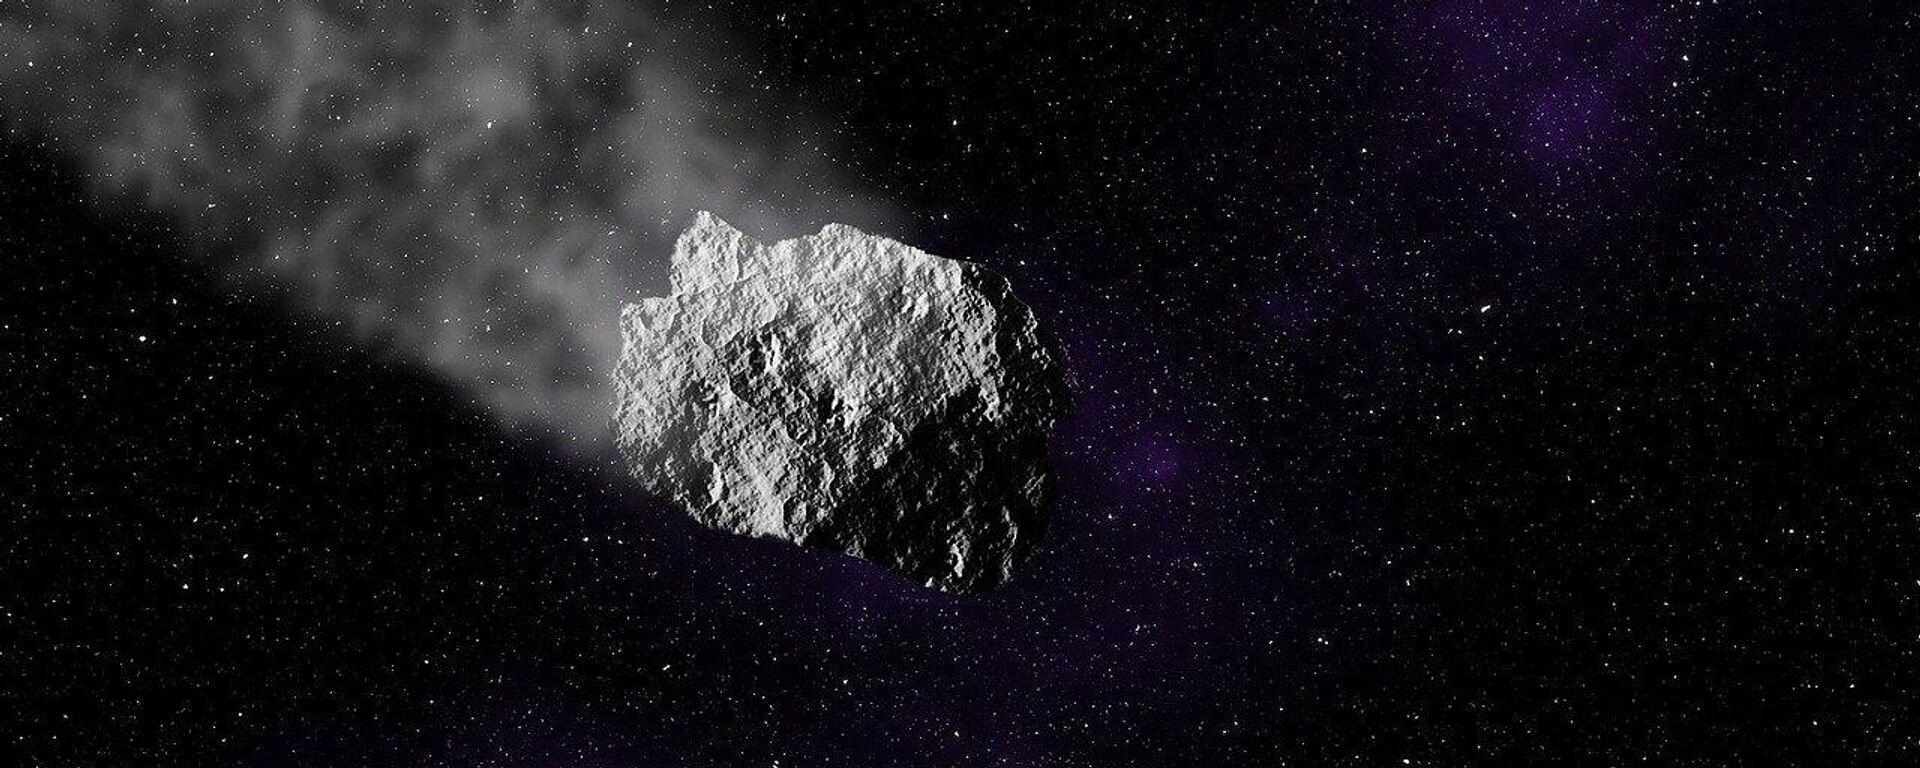 Asteroid (Symbolbild) - SNA, 1920, 12.10.2021